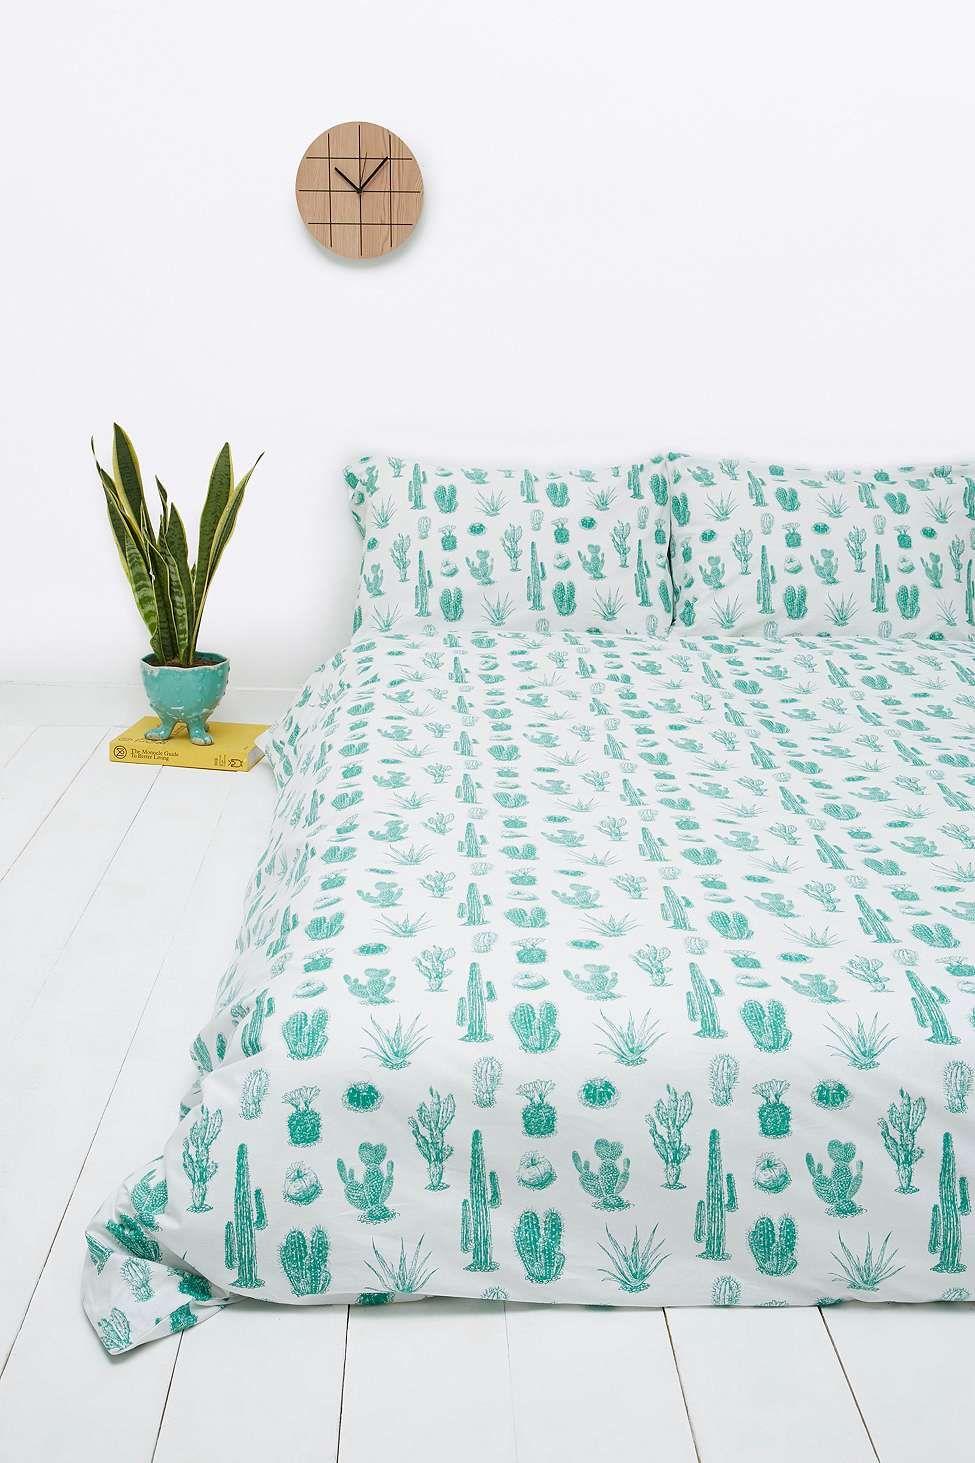 97 Cacti Ideas Cactus Cactus Decor Cactus Diy